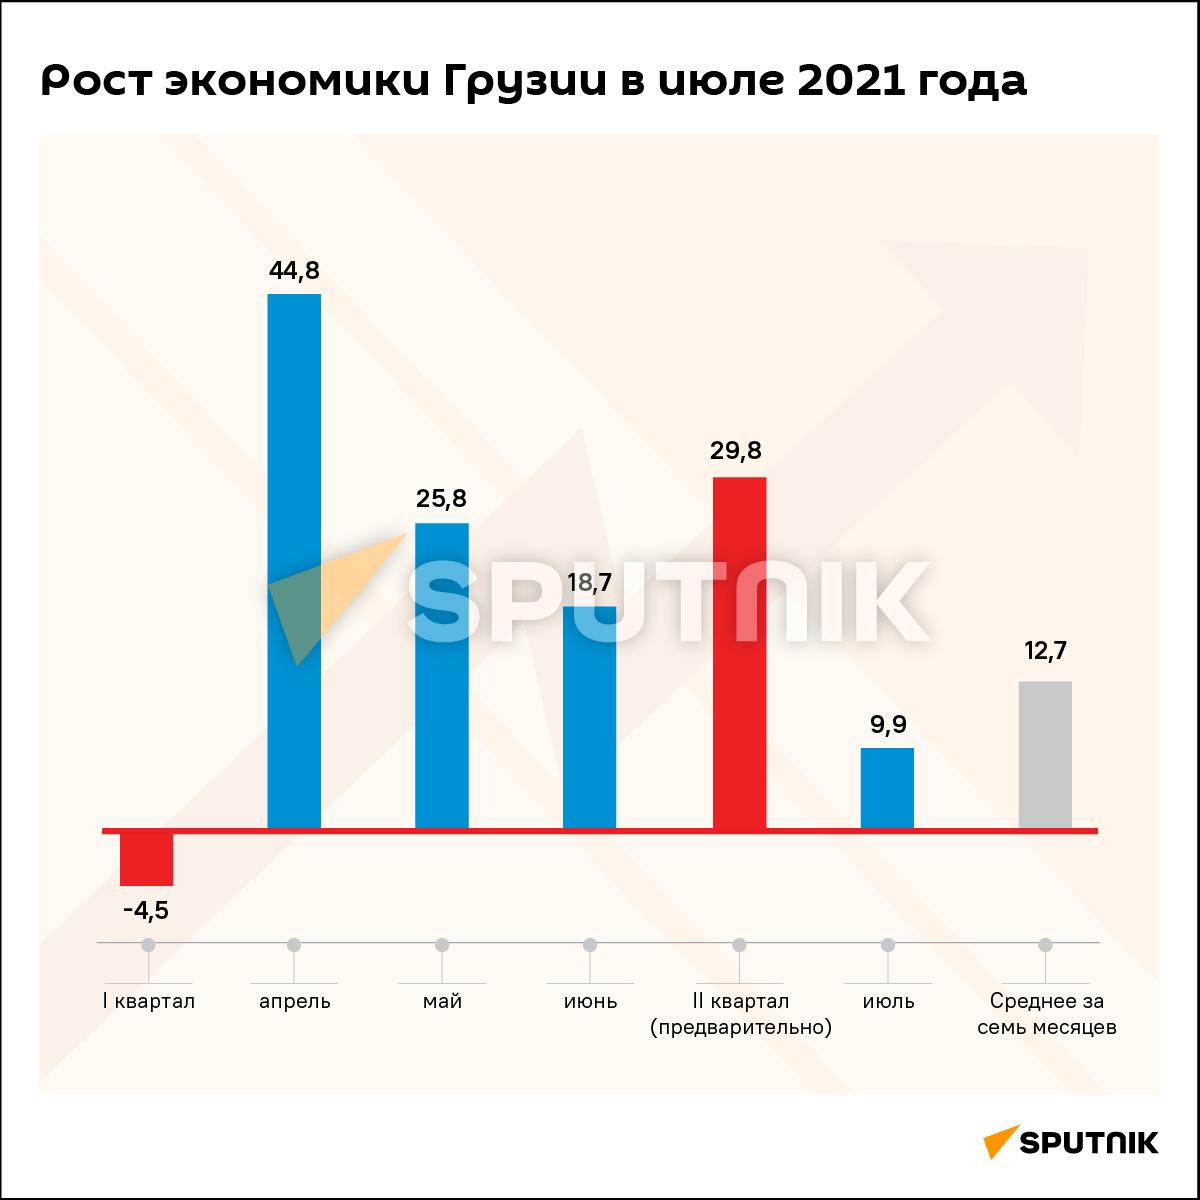 Экономический рост Грузии за июль и семь месяцев 2021 года - Sputnik Грузия